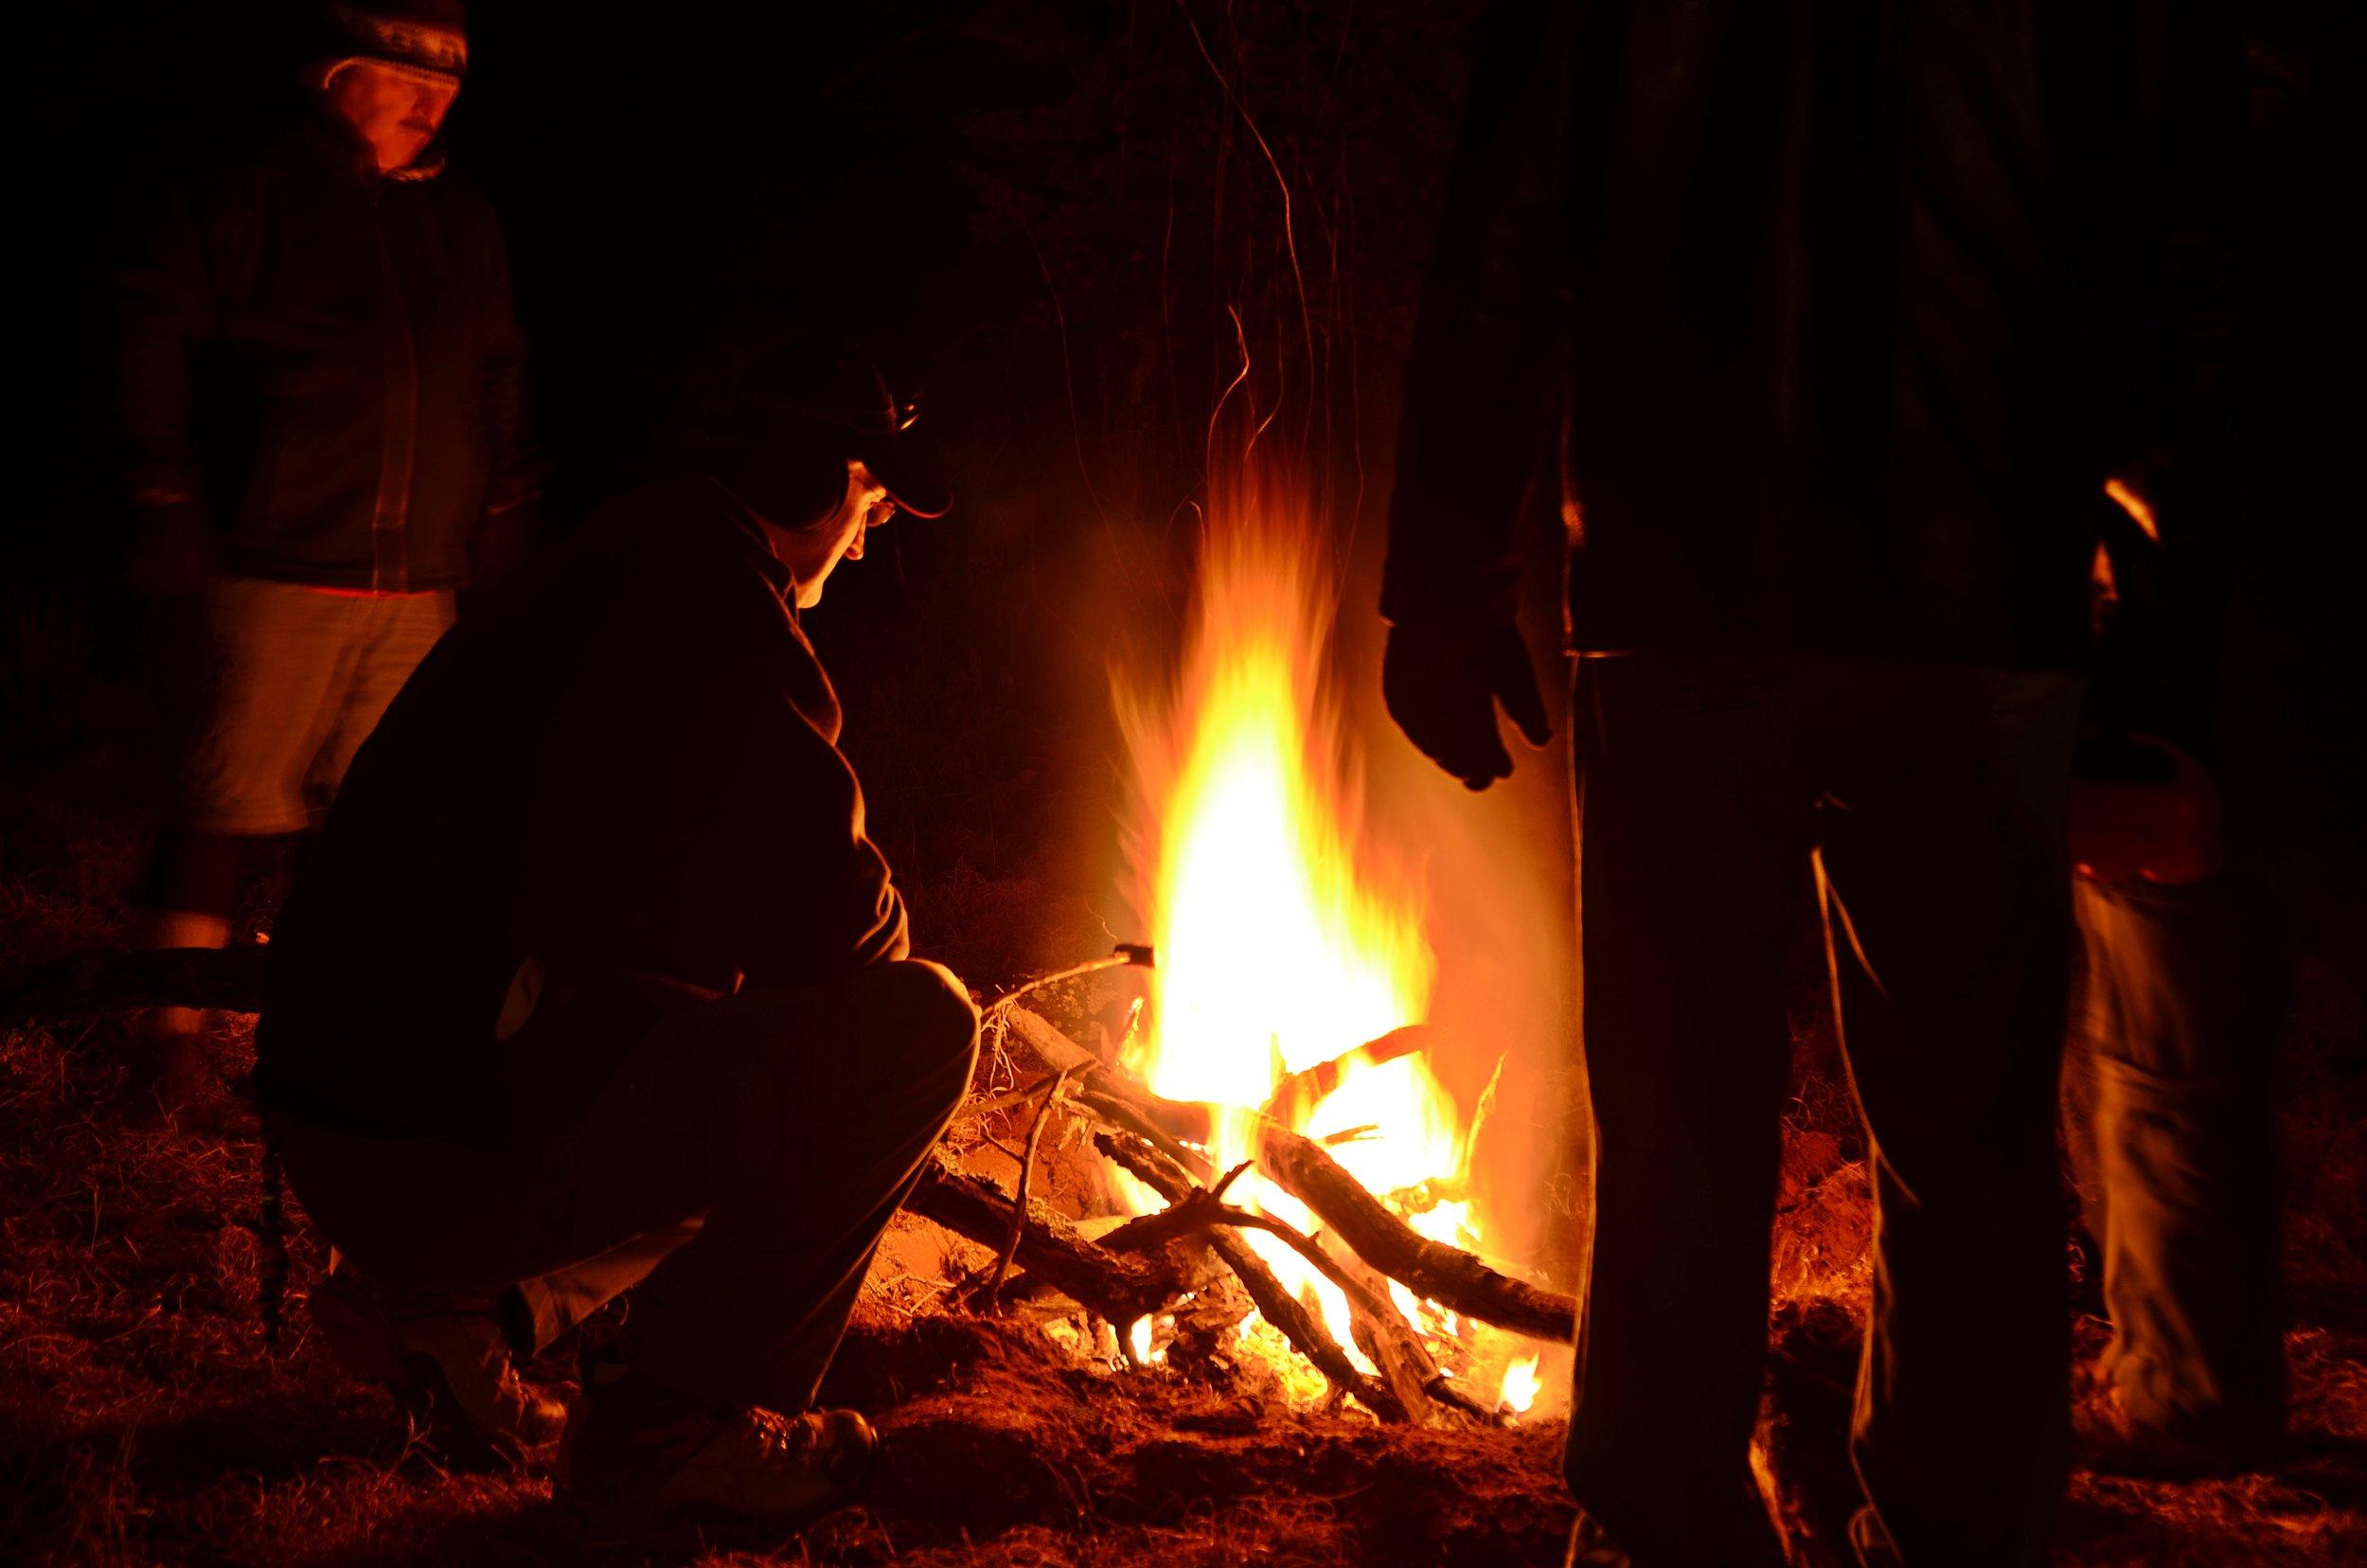 - We like fire.